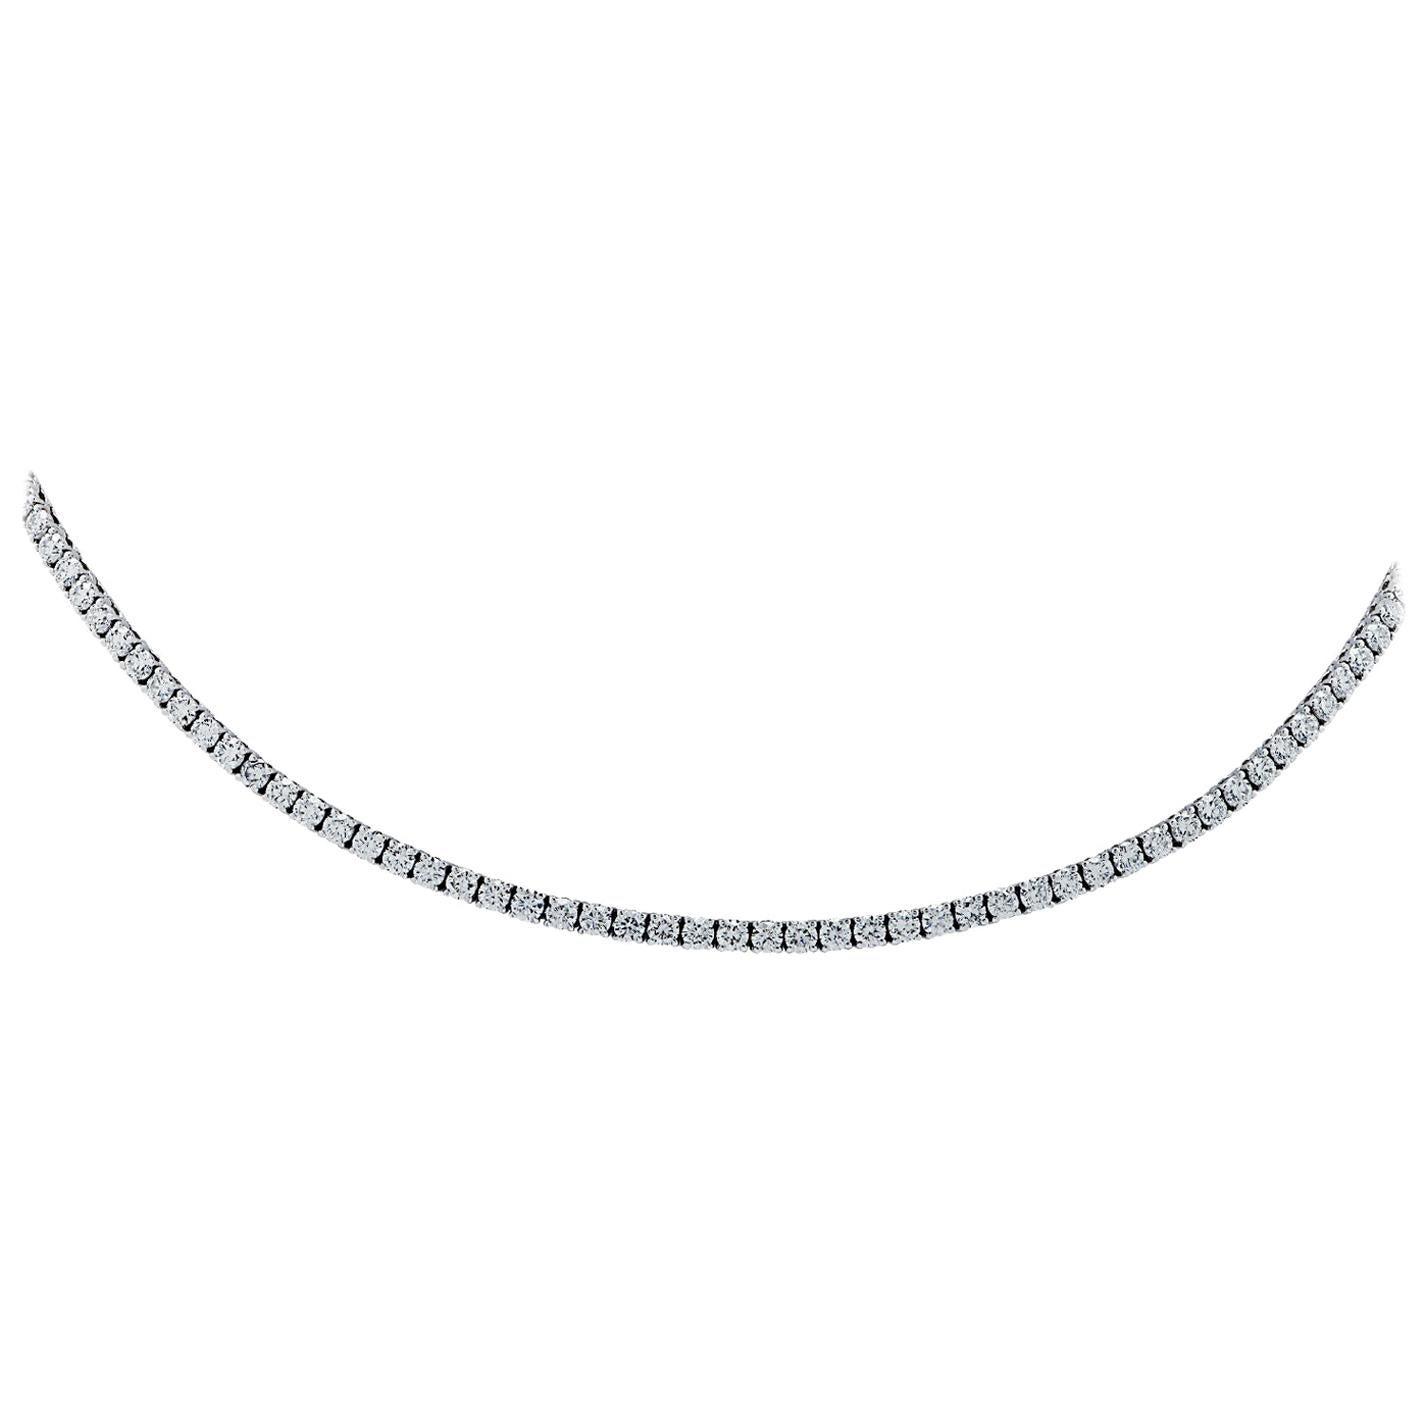 Vivid Diamonds 9.85 Carat Diamond Tennis Necklace